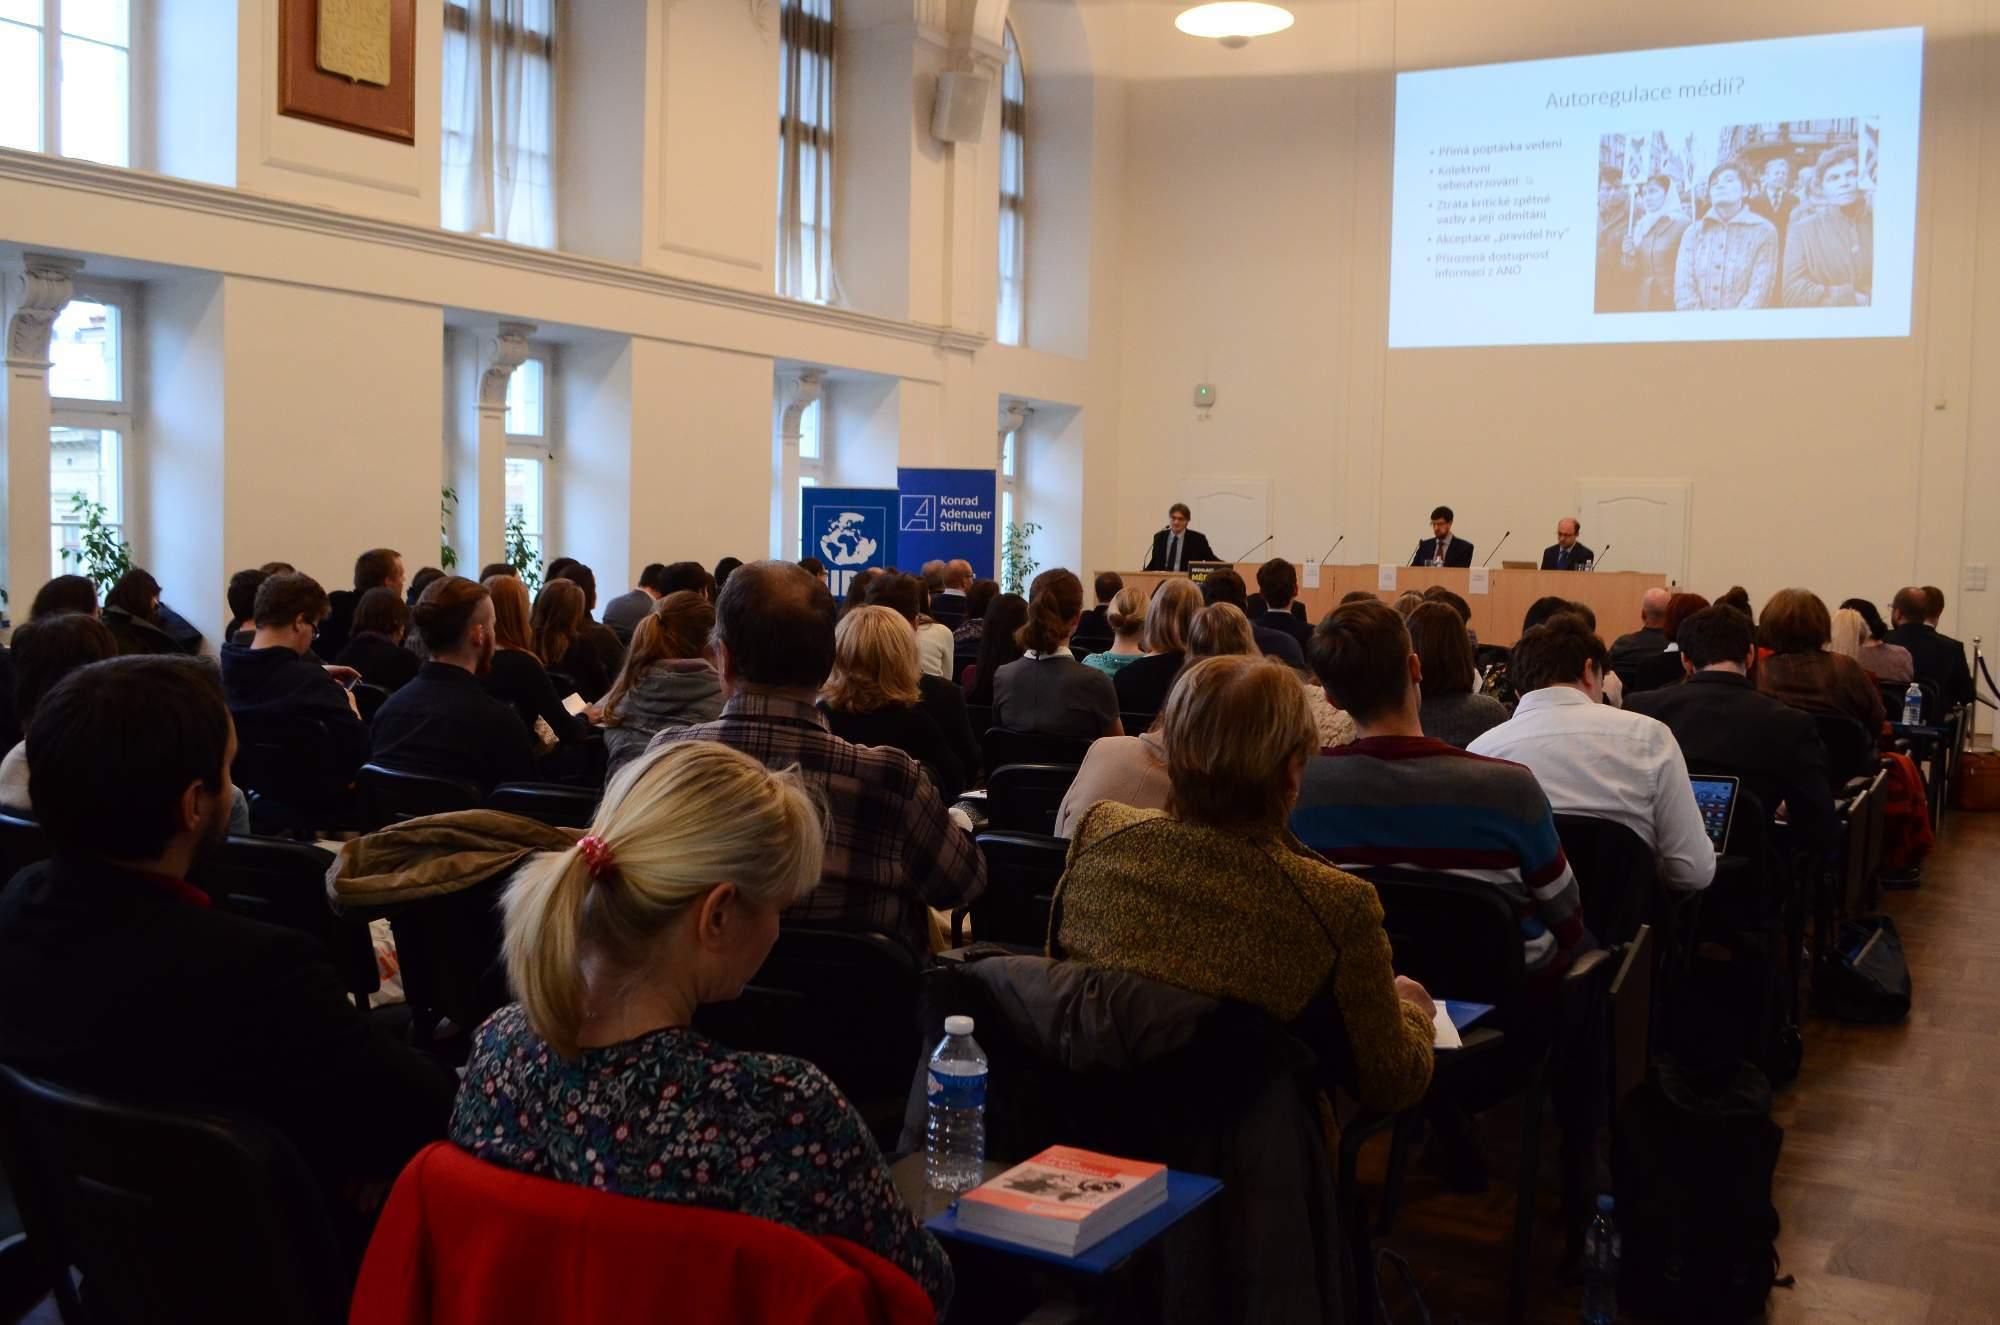 Konference Regulace médií